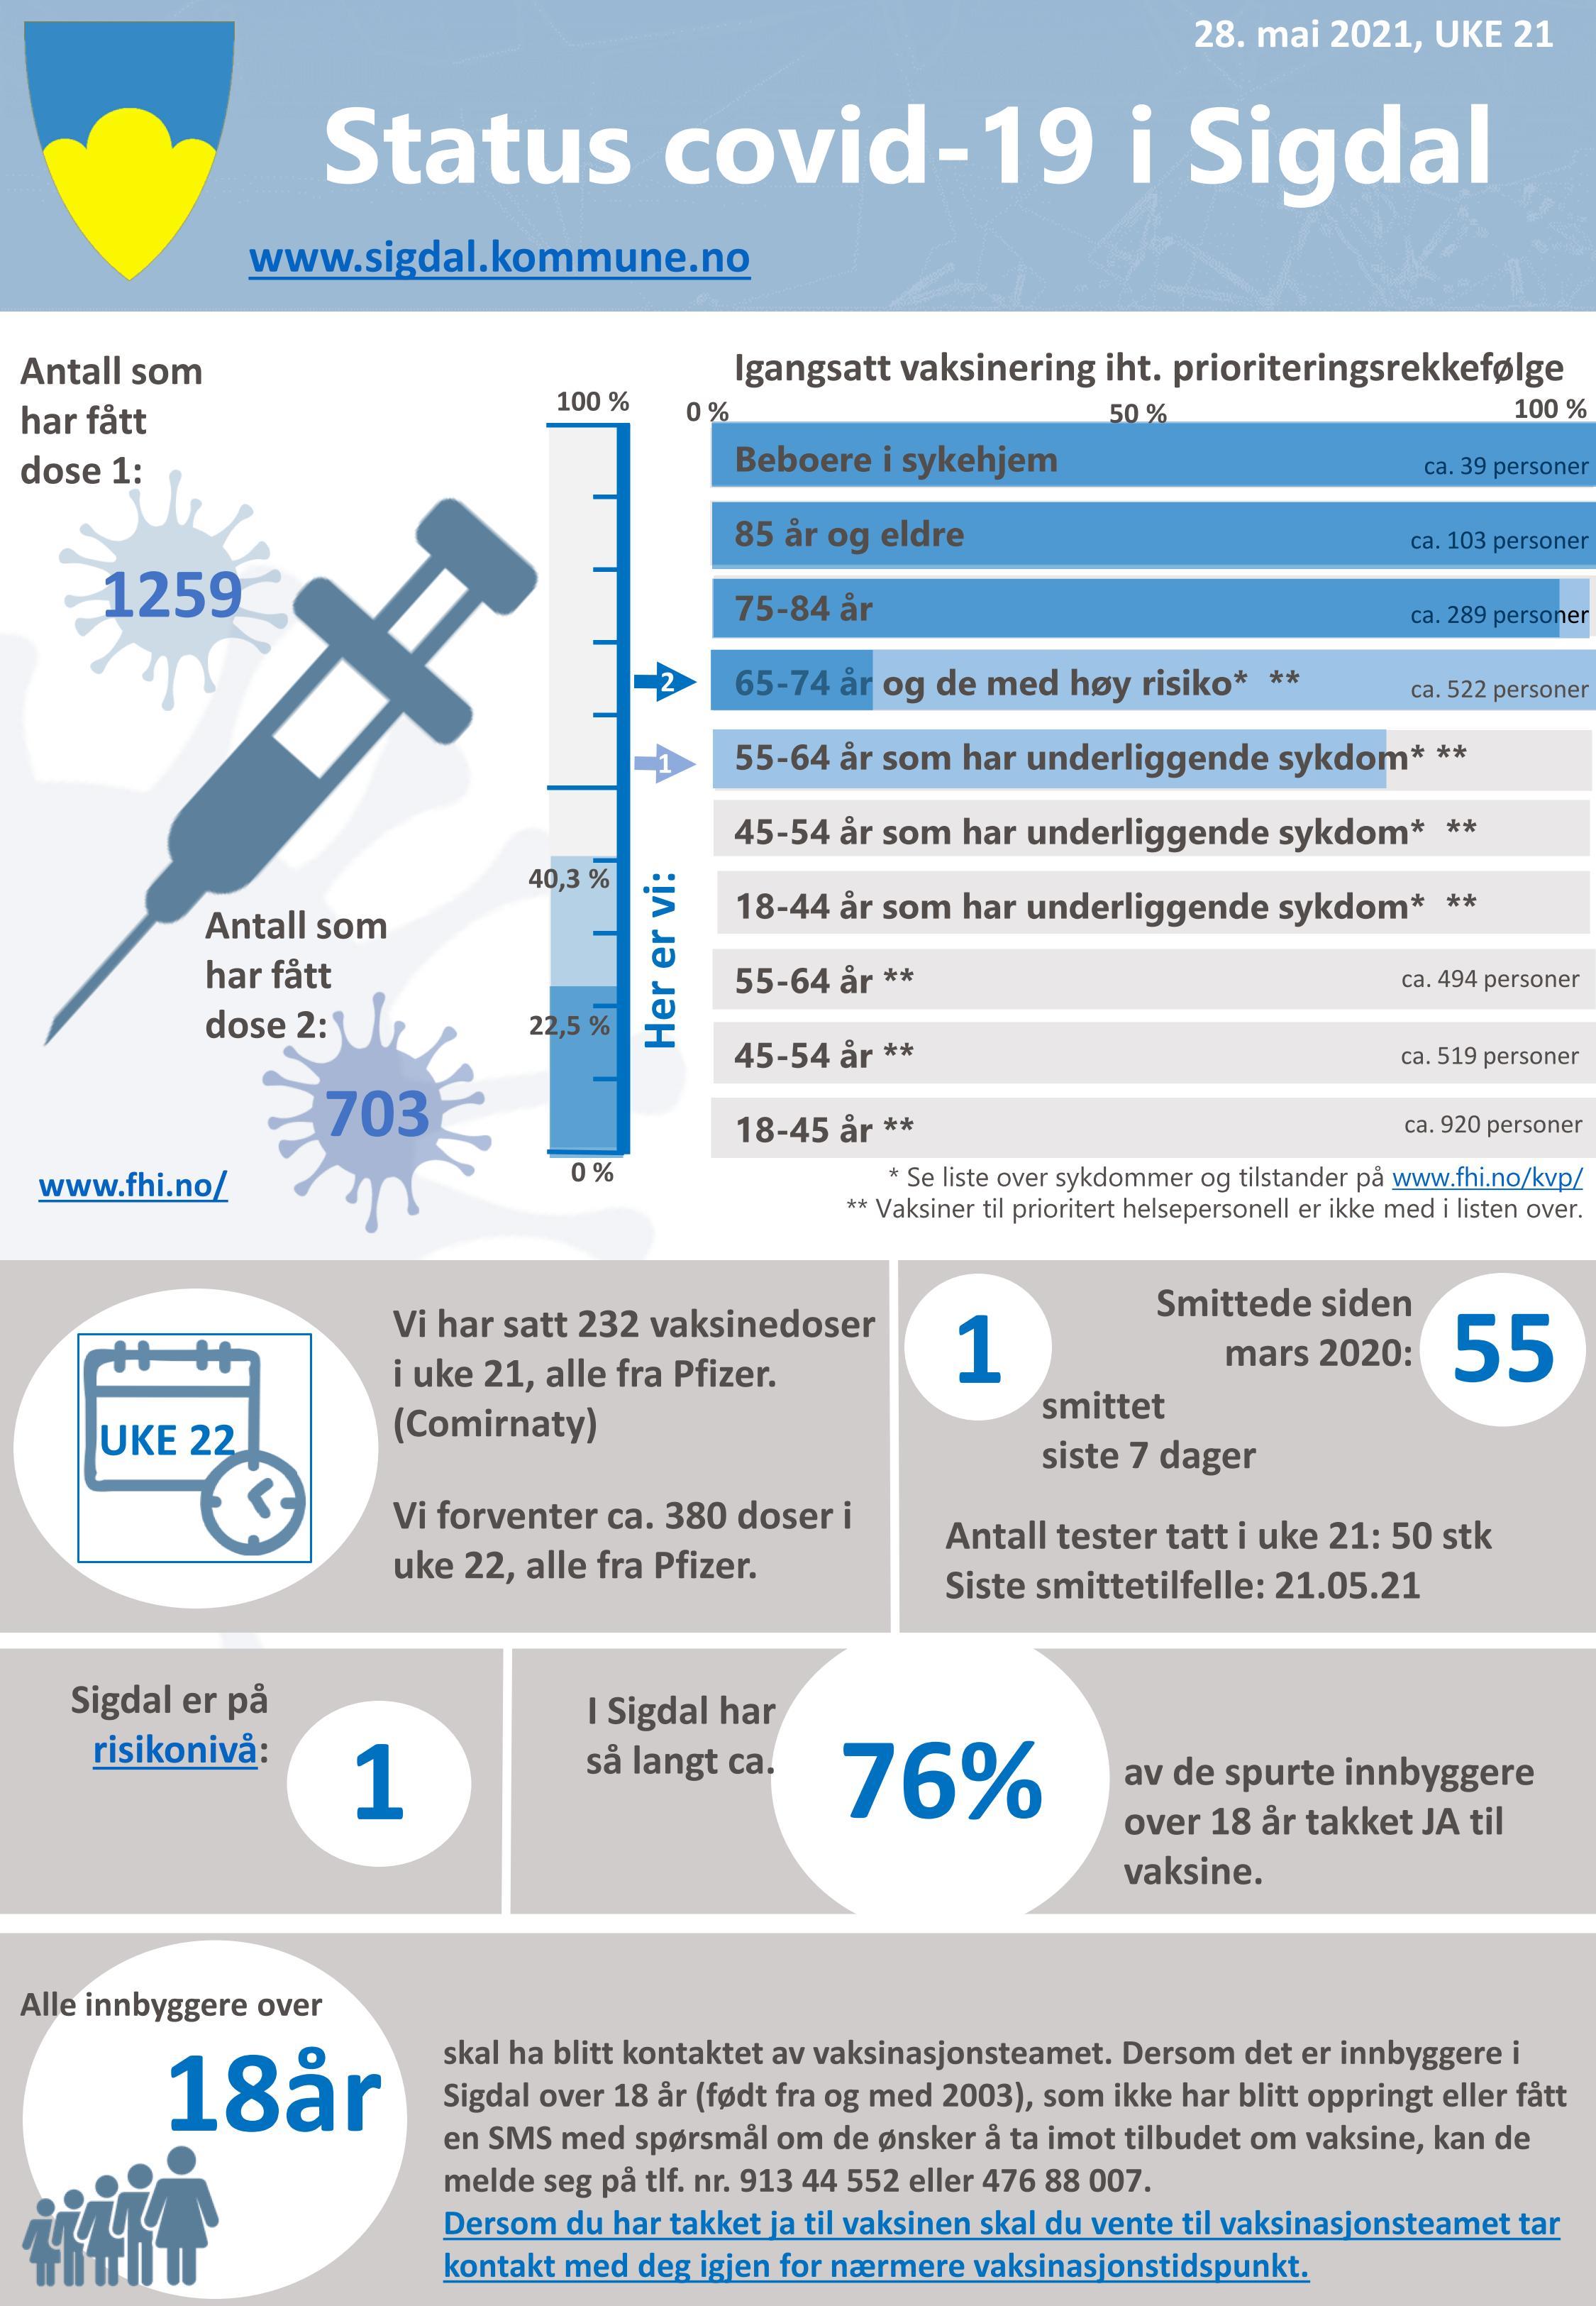 210528 Status Sigdal uke 21, vaksine og smitte_01.jpg